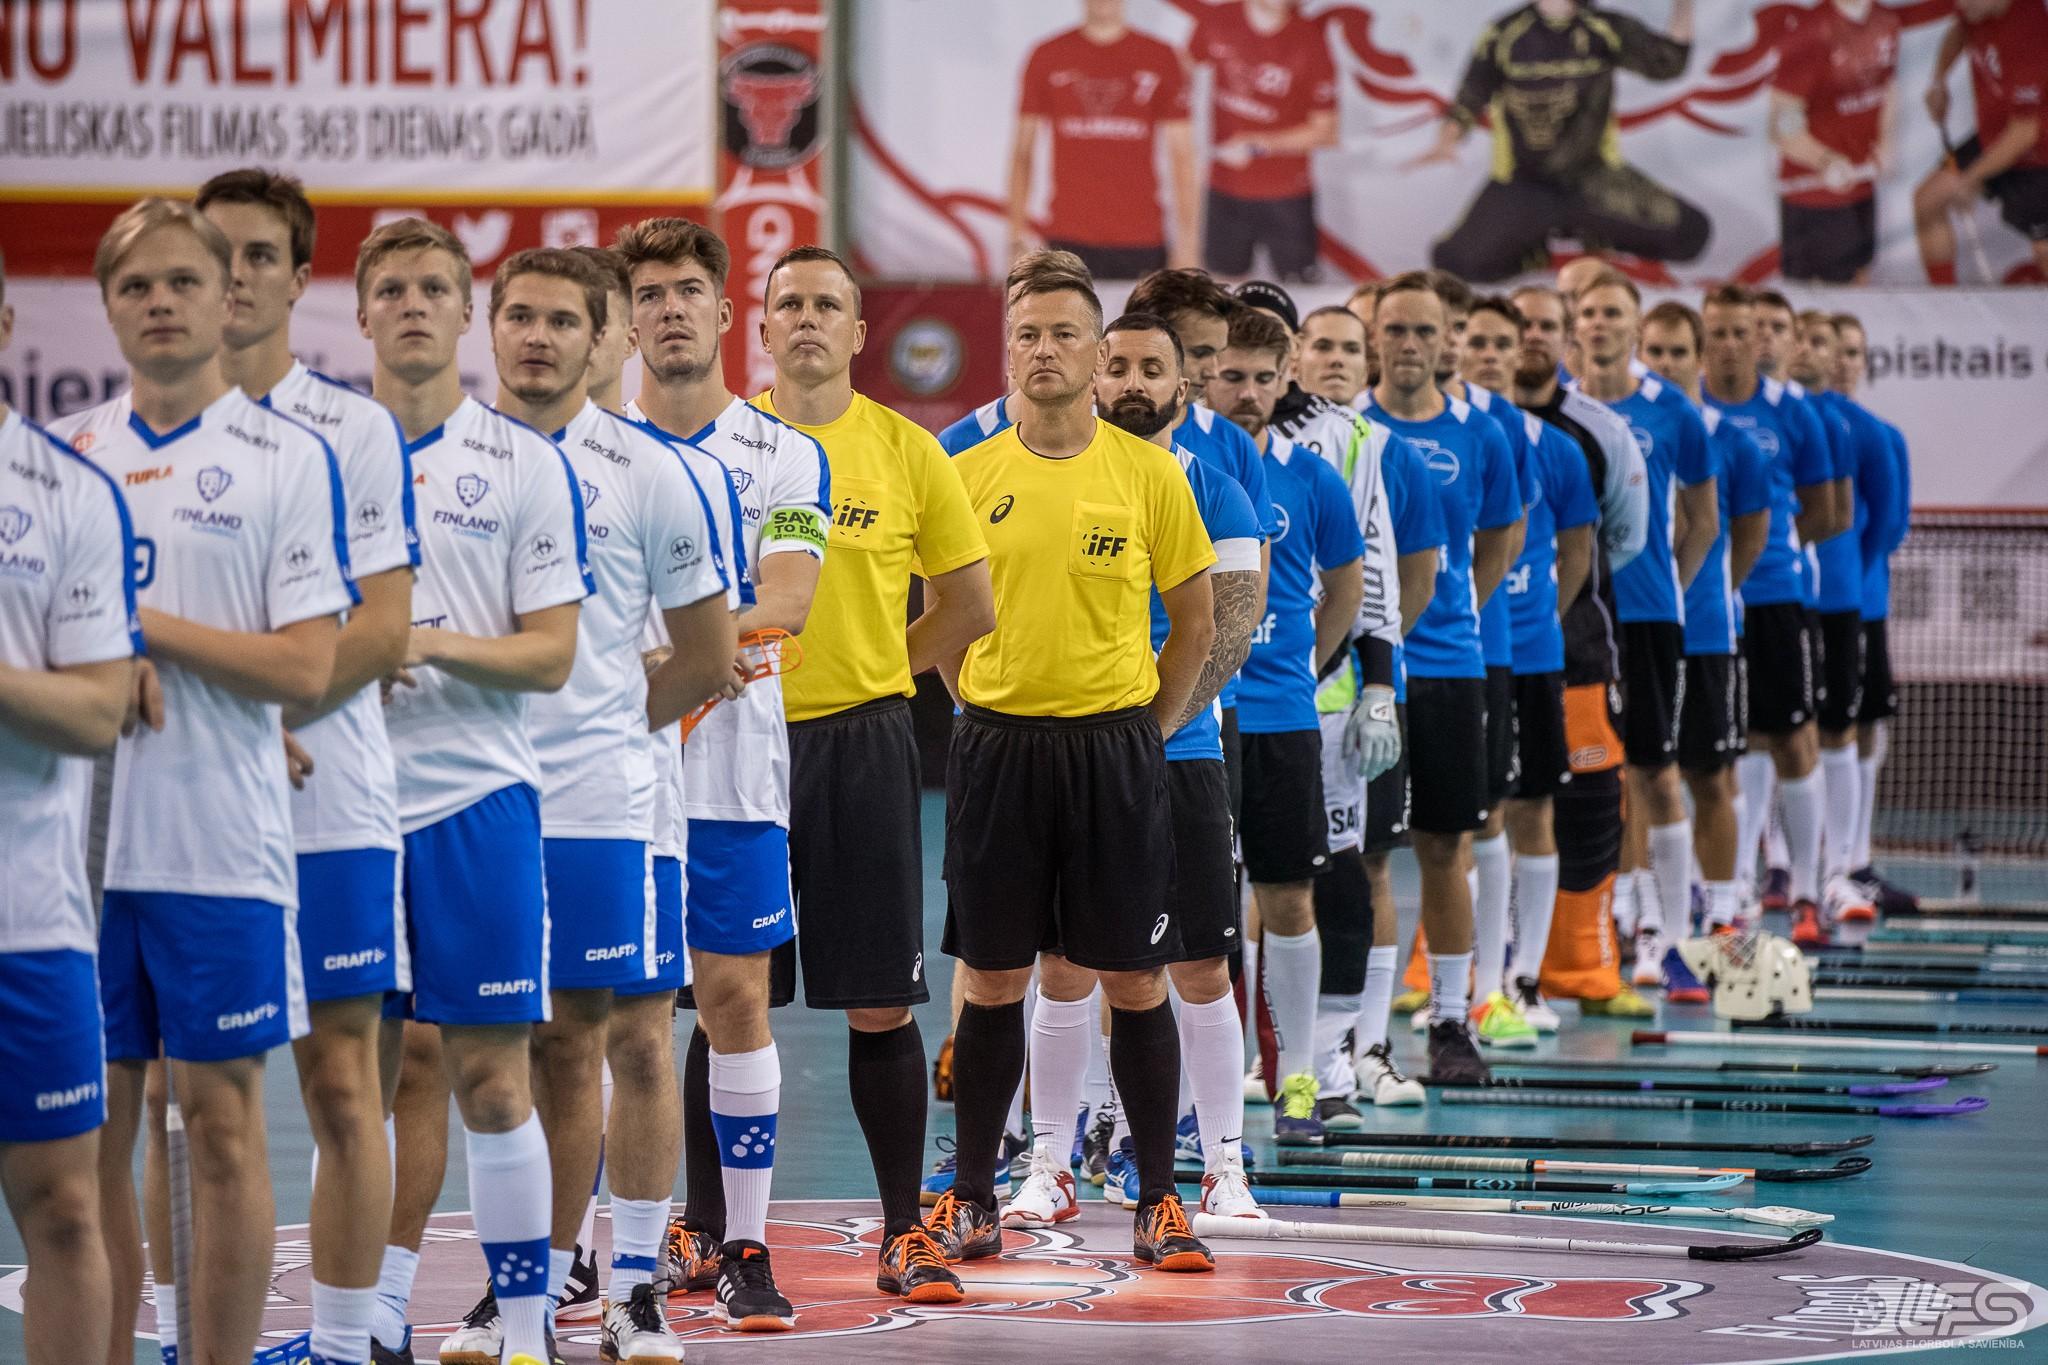 Šodien Valmierā sāksies cīņa par Četru nāciju kausu